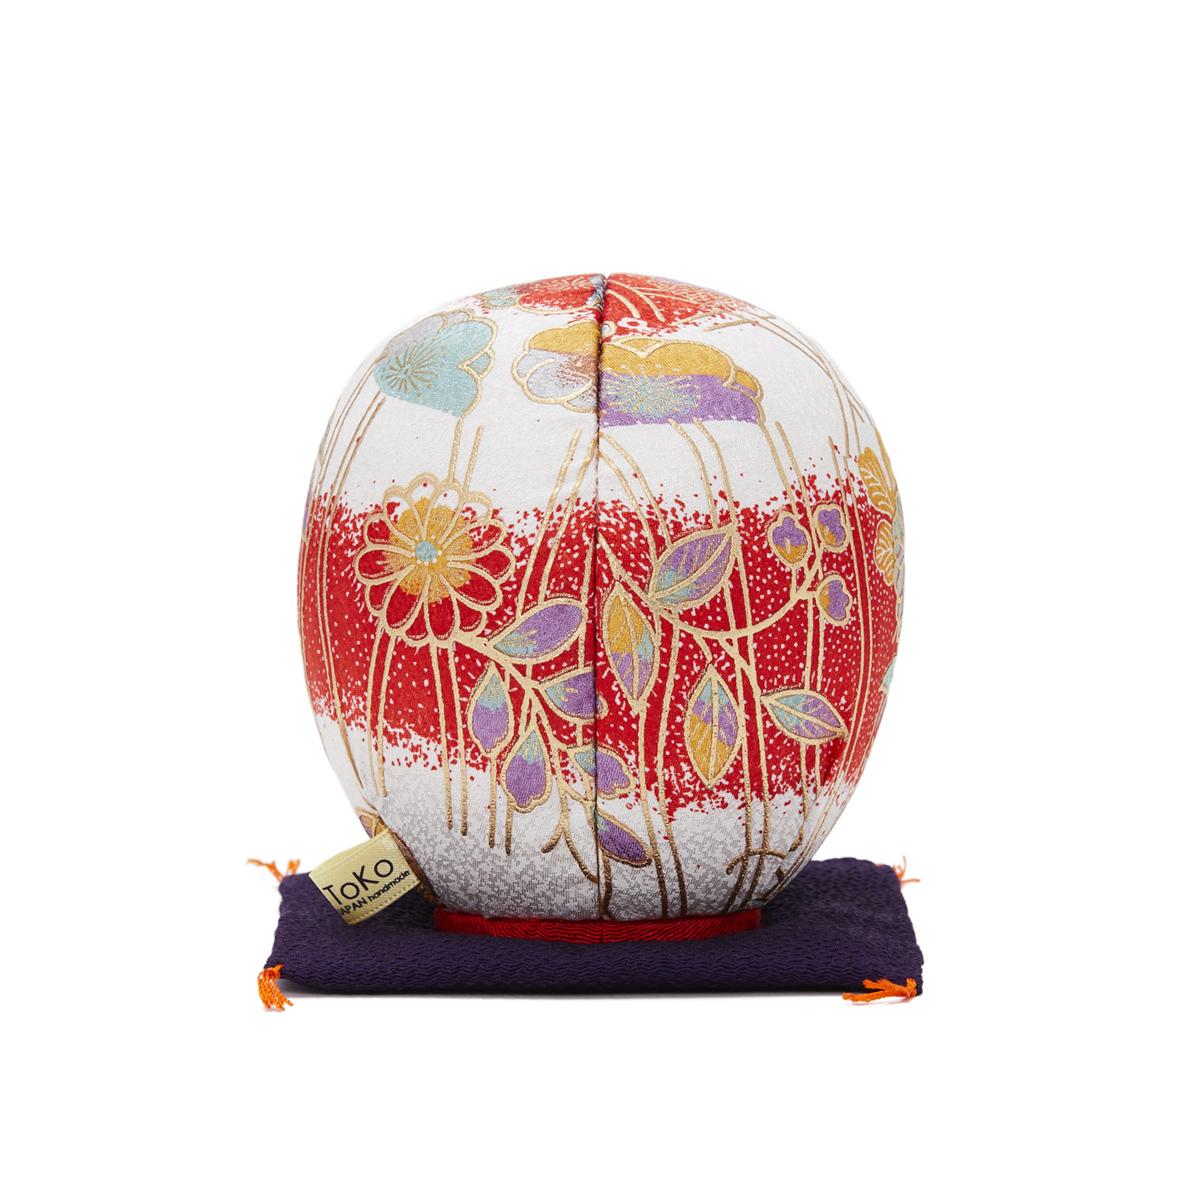 福よこいこい『招福だるま』 《友禅・2色》伝統の木目込み技術とモダンデザインが出逢った願掛けだるま